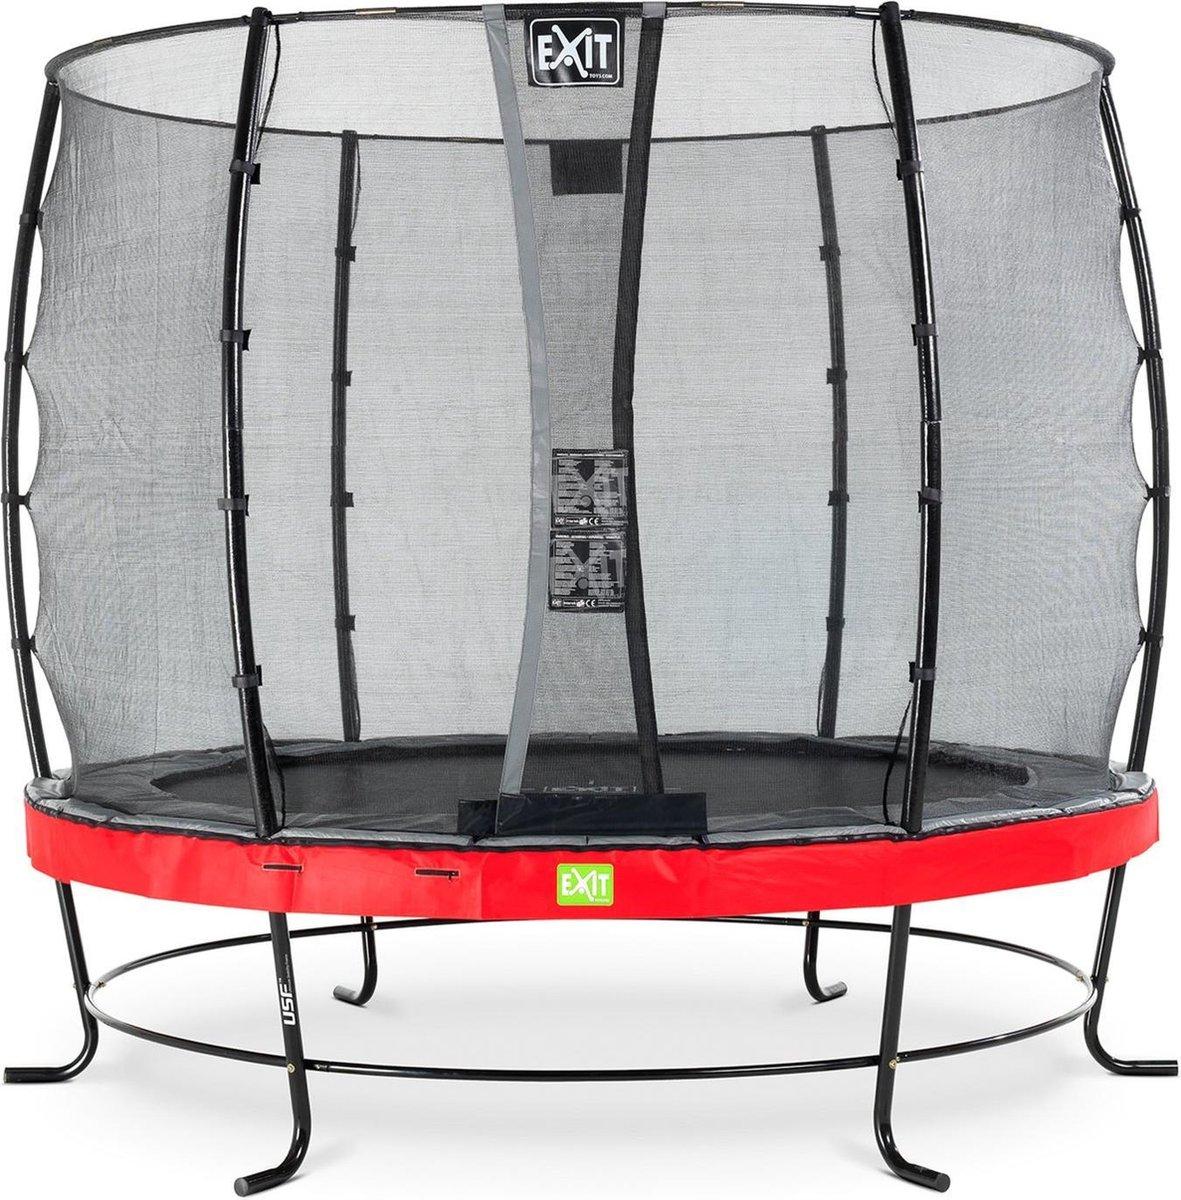 Trampoline EXIT Elegant - ø251cm met veiligheidsnet Economy - rood